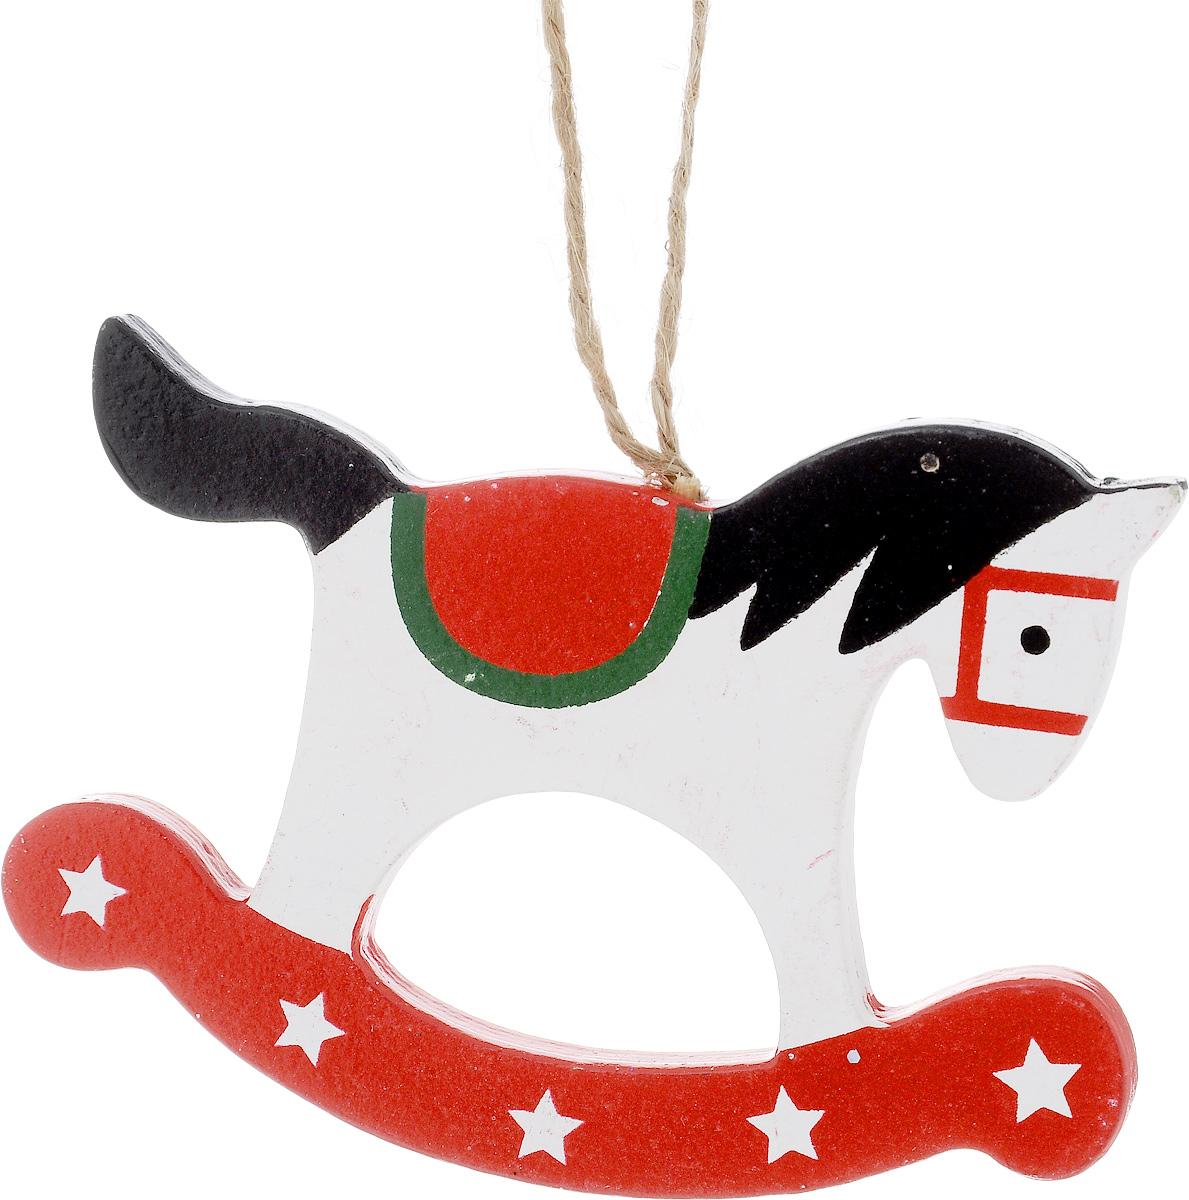 Украшение новогоднее подвесное Winter Wings Лошадка, высота 7,5 смN181318Новогоднее подвесное украшение Winter Wings Лошадка выполнено из дерева. С помощью специальной петельки украшение можно повесить в любом понравившемся вам месте. Но, конечно, удачнее всего оно будет смотреться на праздничной елке.Елочная игрушка - символ Нового года. Она несет в себе волшебство и красоту праздника. Создайте в своем доме атмосферу веселья и радости, украшая новогоднюю елку нарядными игрушками, которые будут из года в год накапливать теплоту воспоминаний.Размер: 10 х 0,6 х 7,5 см.